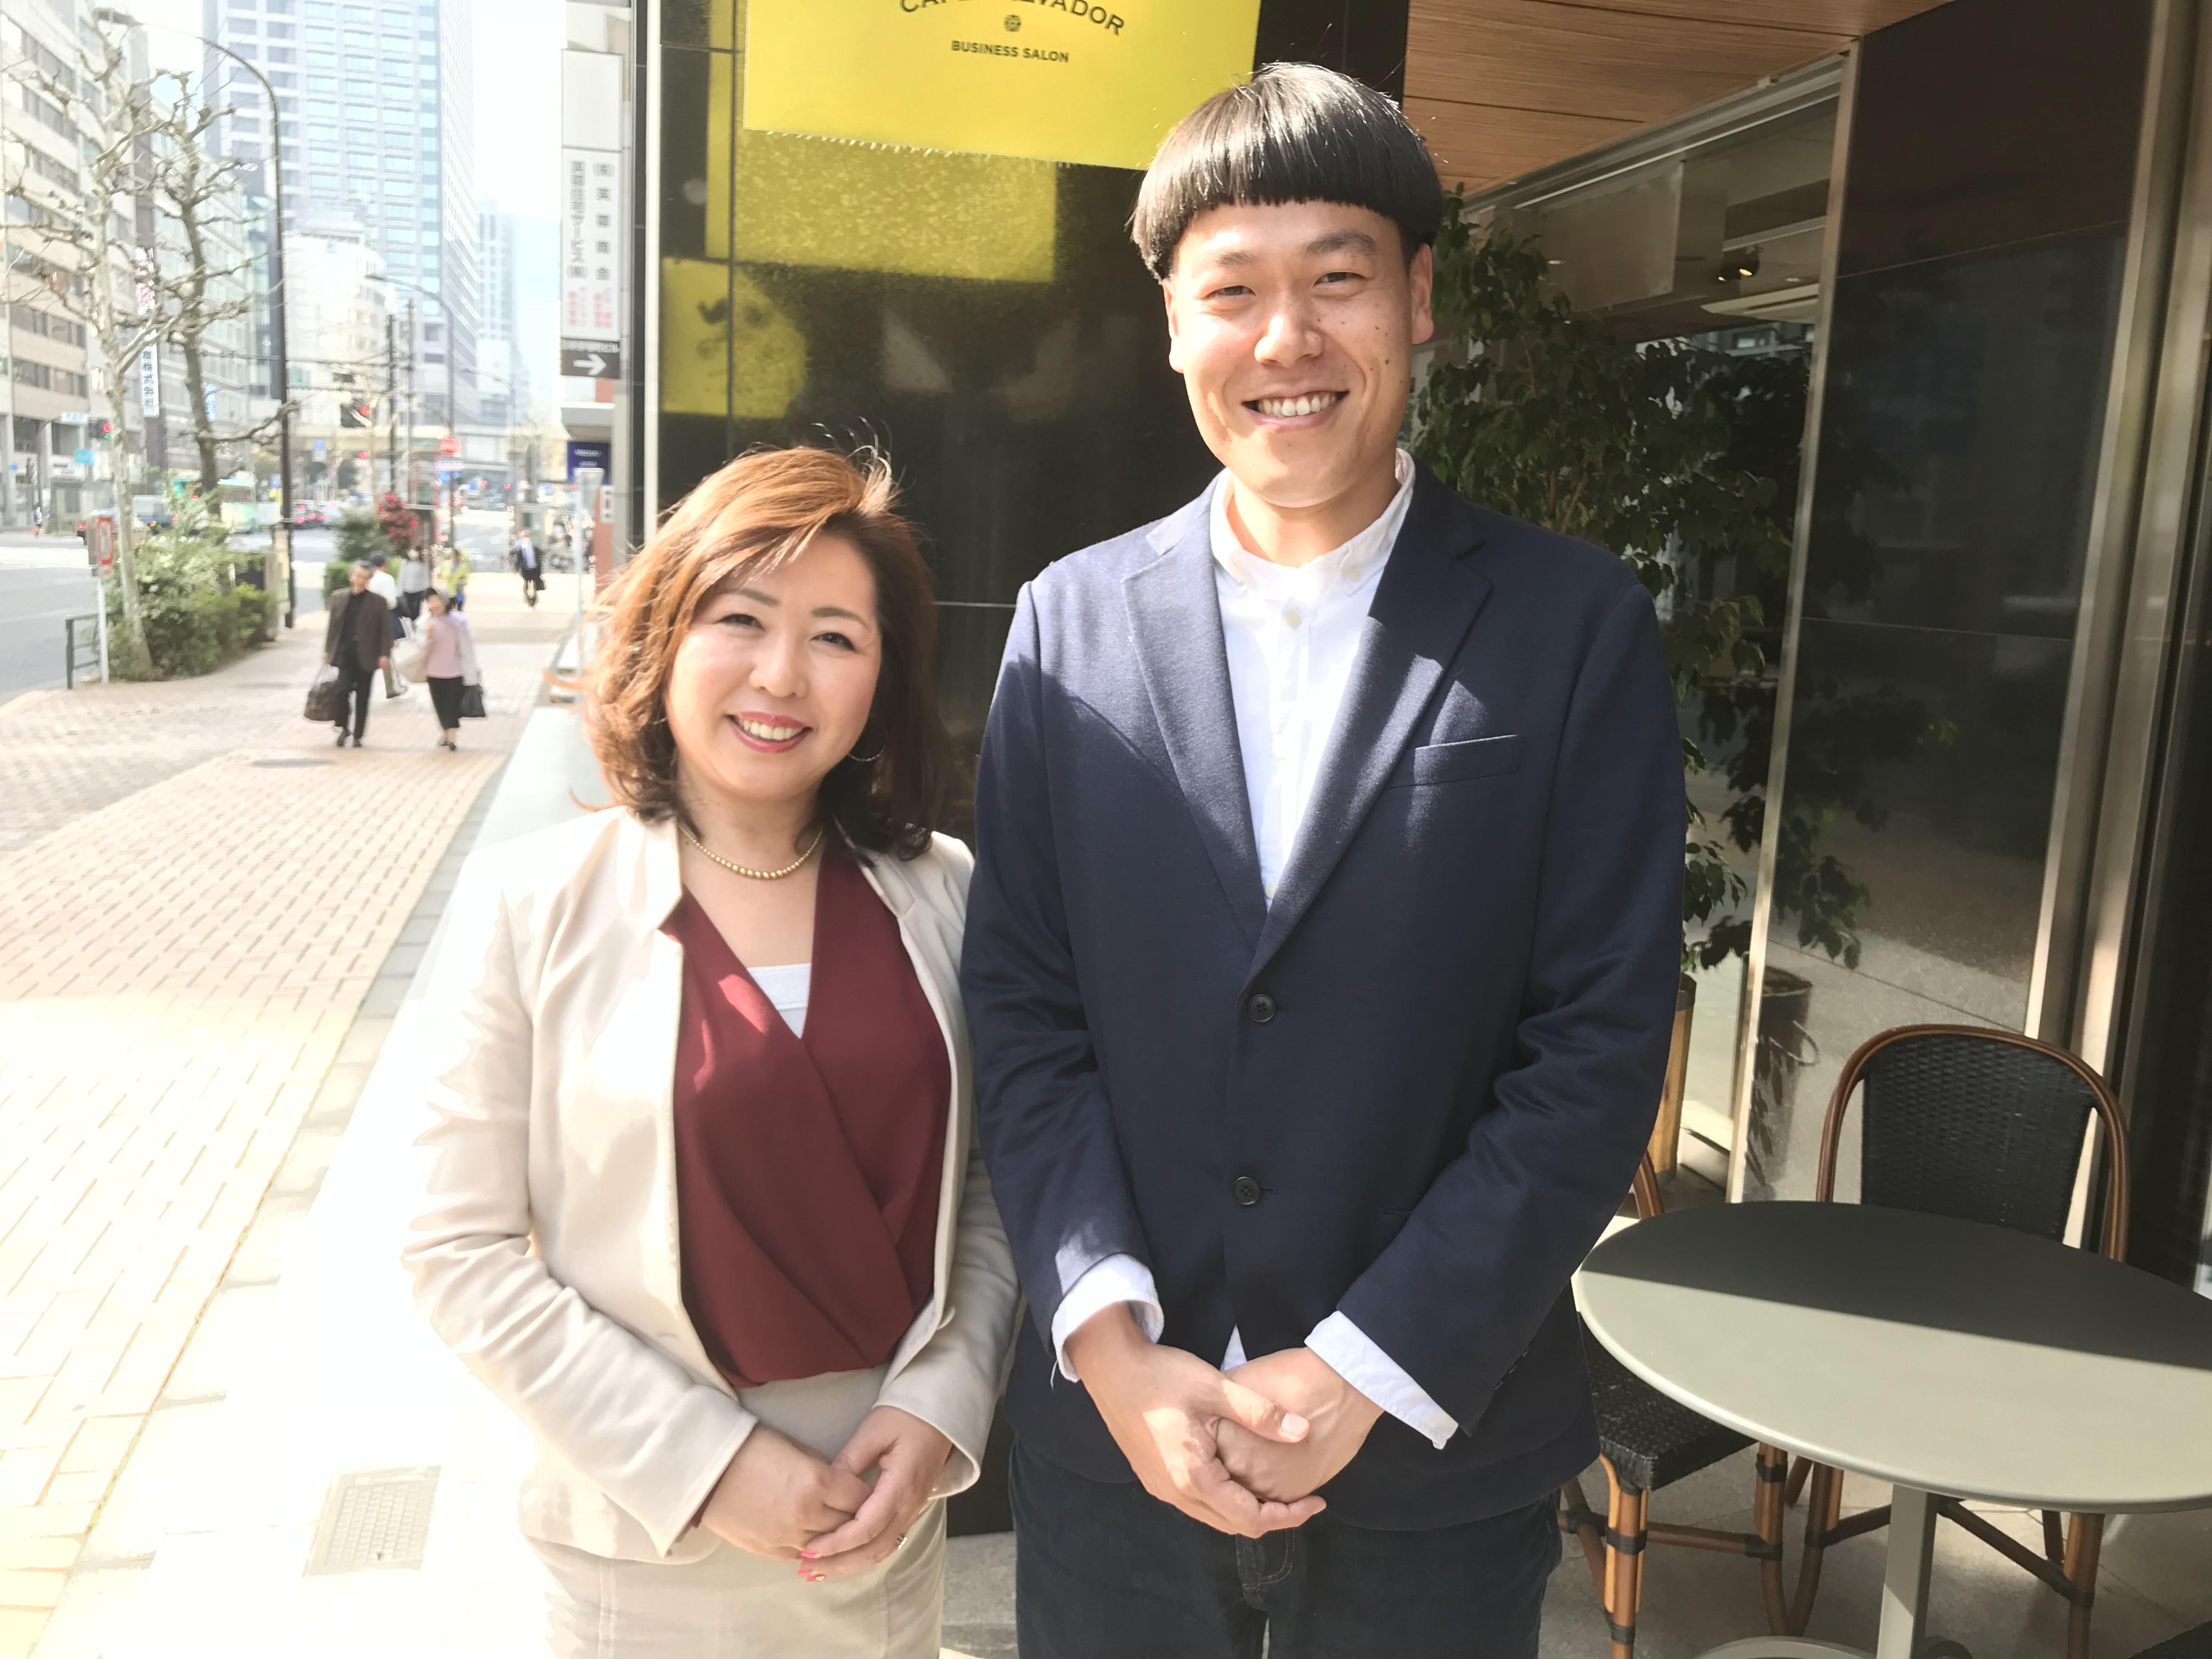 第3話 FPをもっと身近に!未来に使うお金のことをファイナンシャルプランナーと一緒に考えてみませんか。山中伸枝さんインタビュー